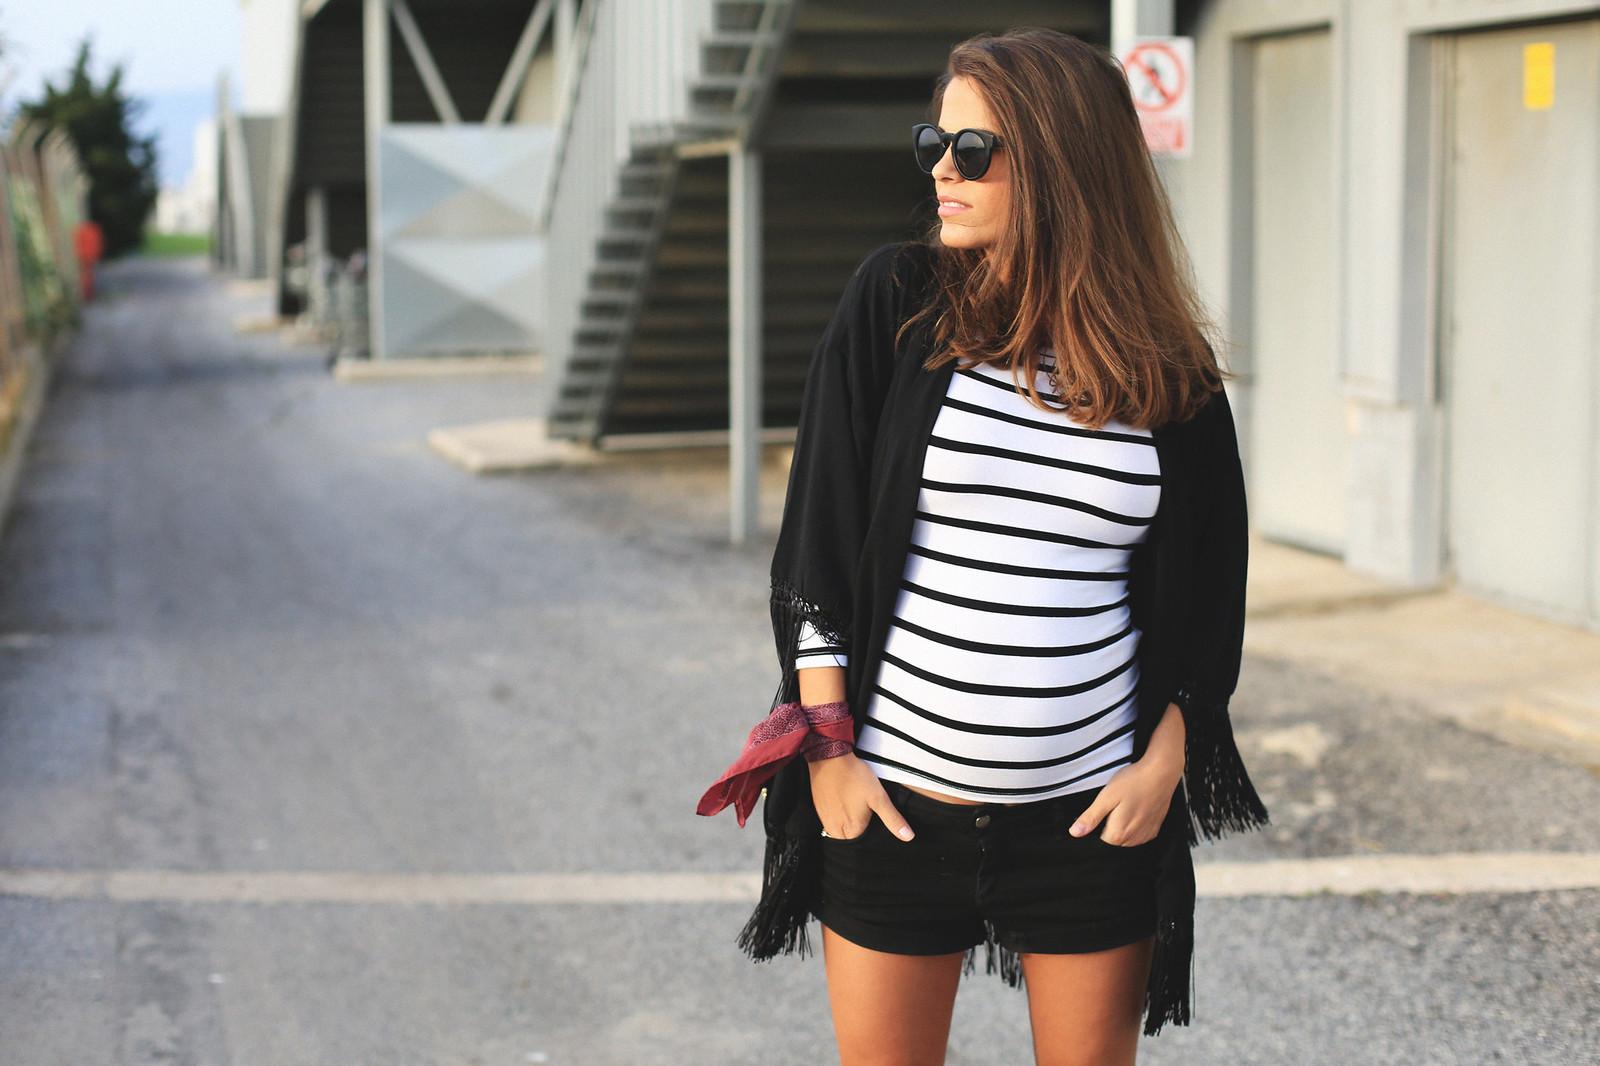 jessie chanes black kimono 1.  jessie chanes seams for a desire black kimono striped top off shoulders 10 3d4802eb27f4